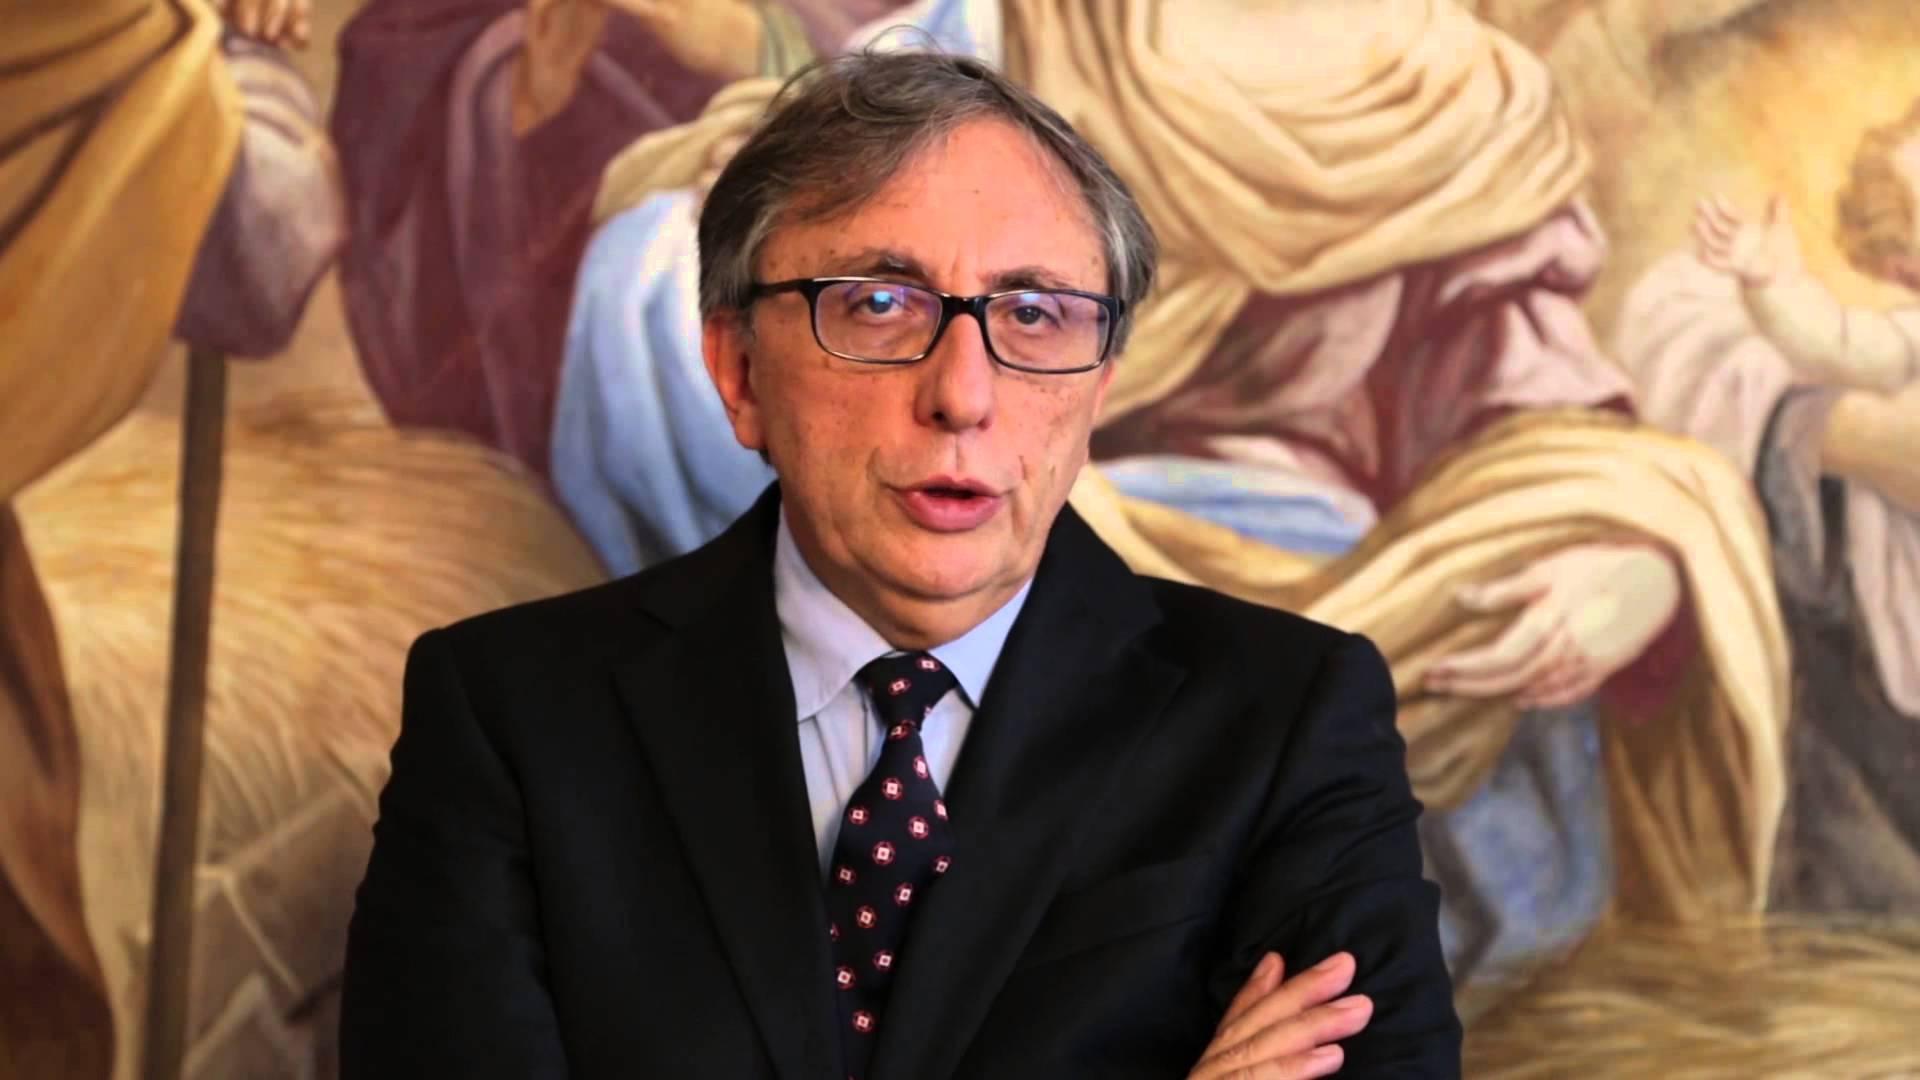 Il rettore dell'Università Suo Orsola Benincasa, Lucio D'Alessandro